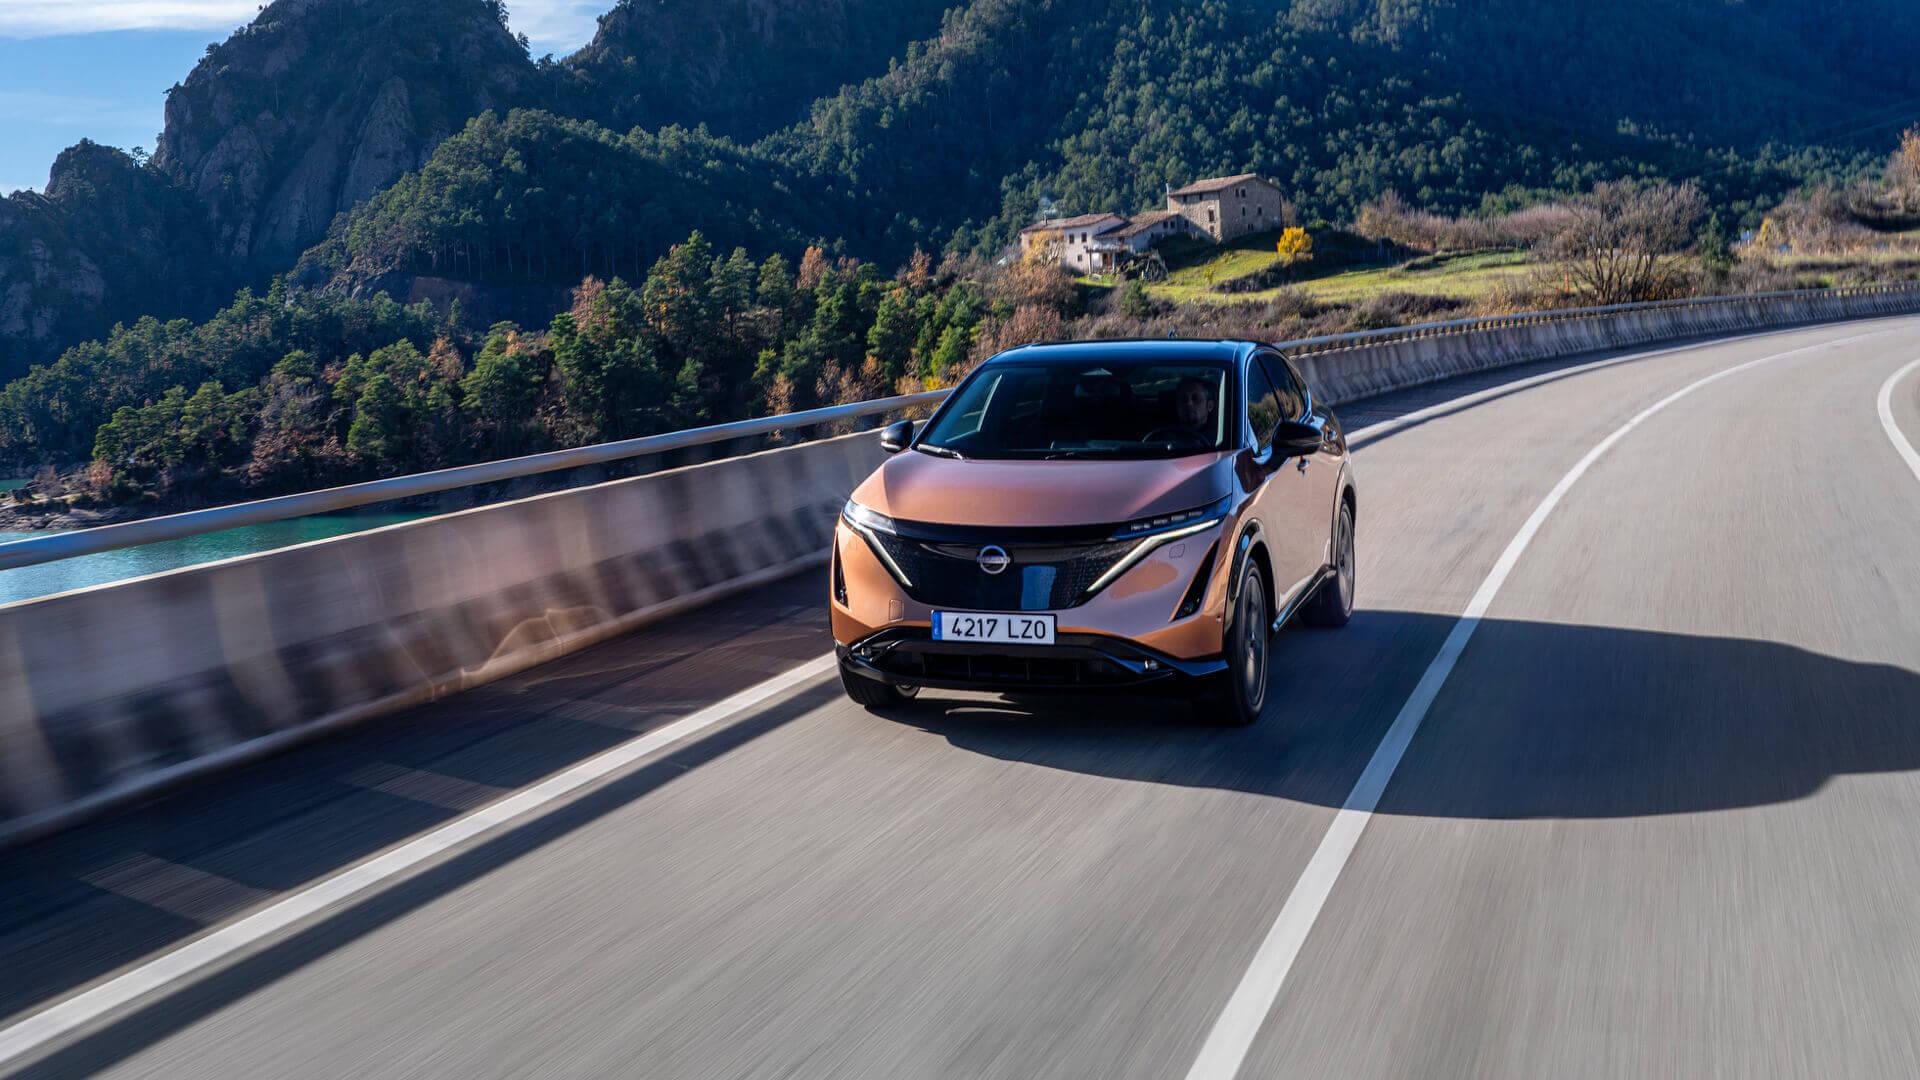 Десятилетний опыт создания электромобилей позволит инженерам и дизайнерам Nissan максимально увеличить запас хода модели Ariya